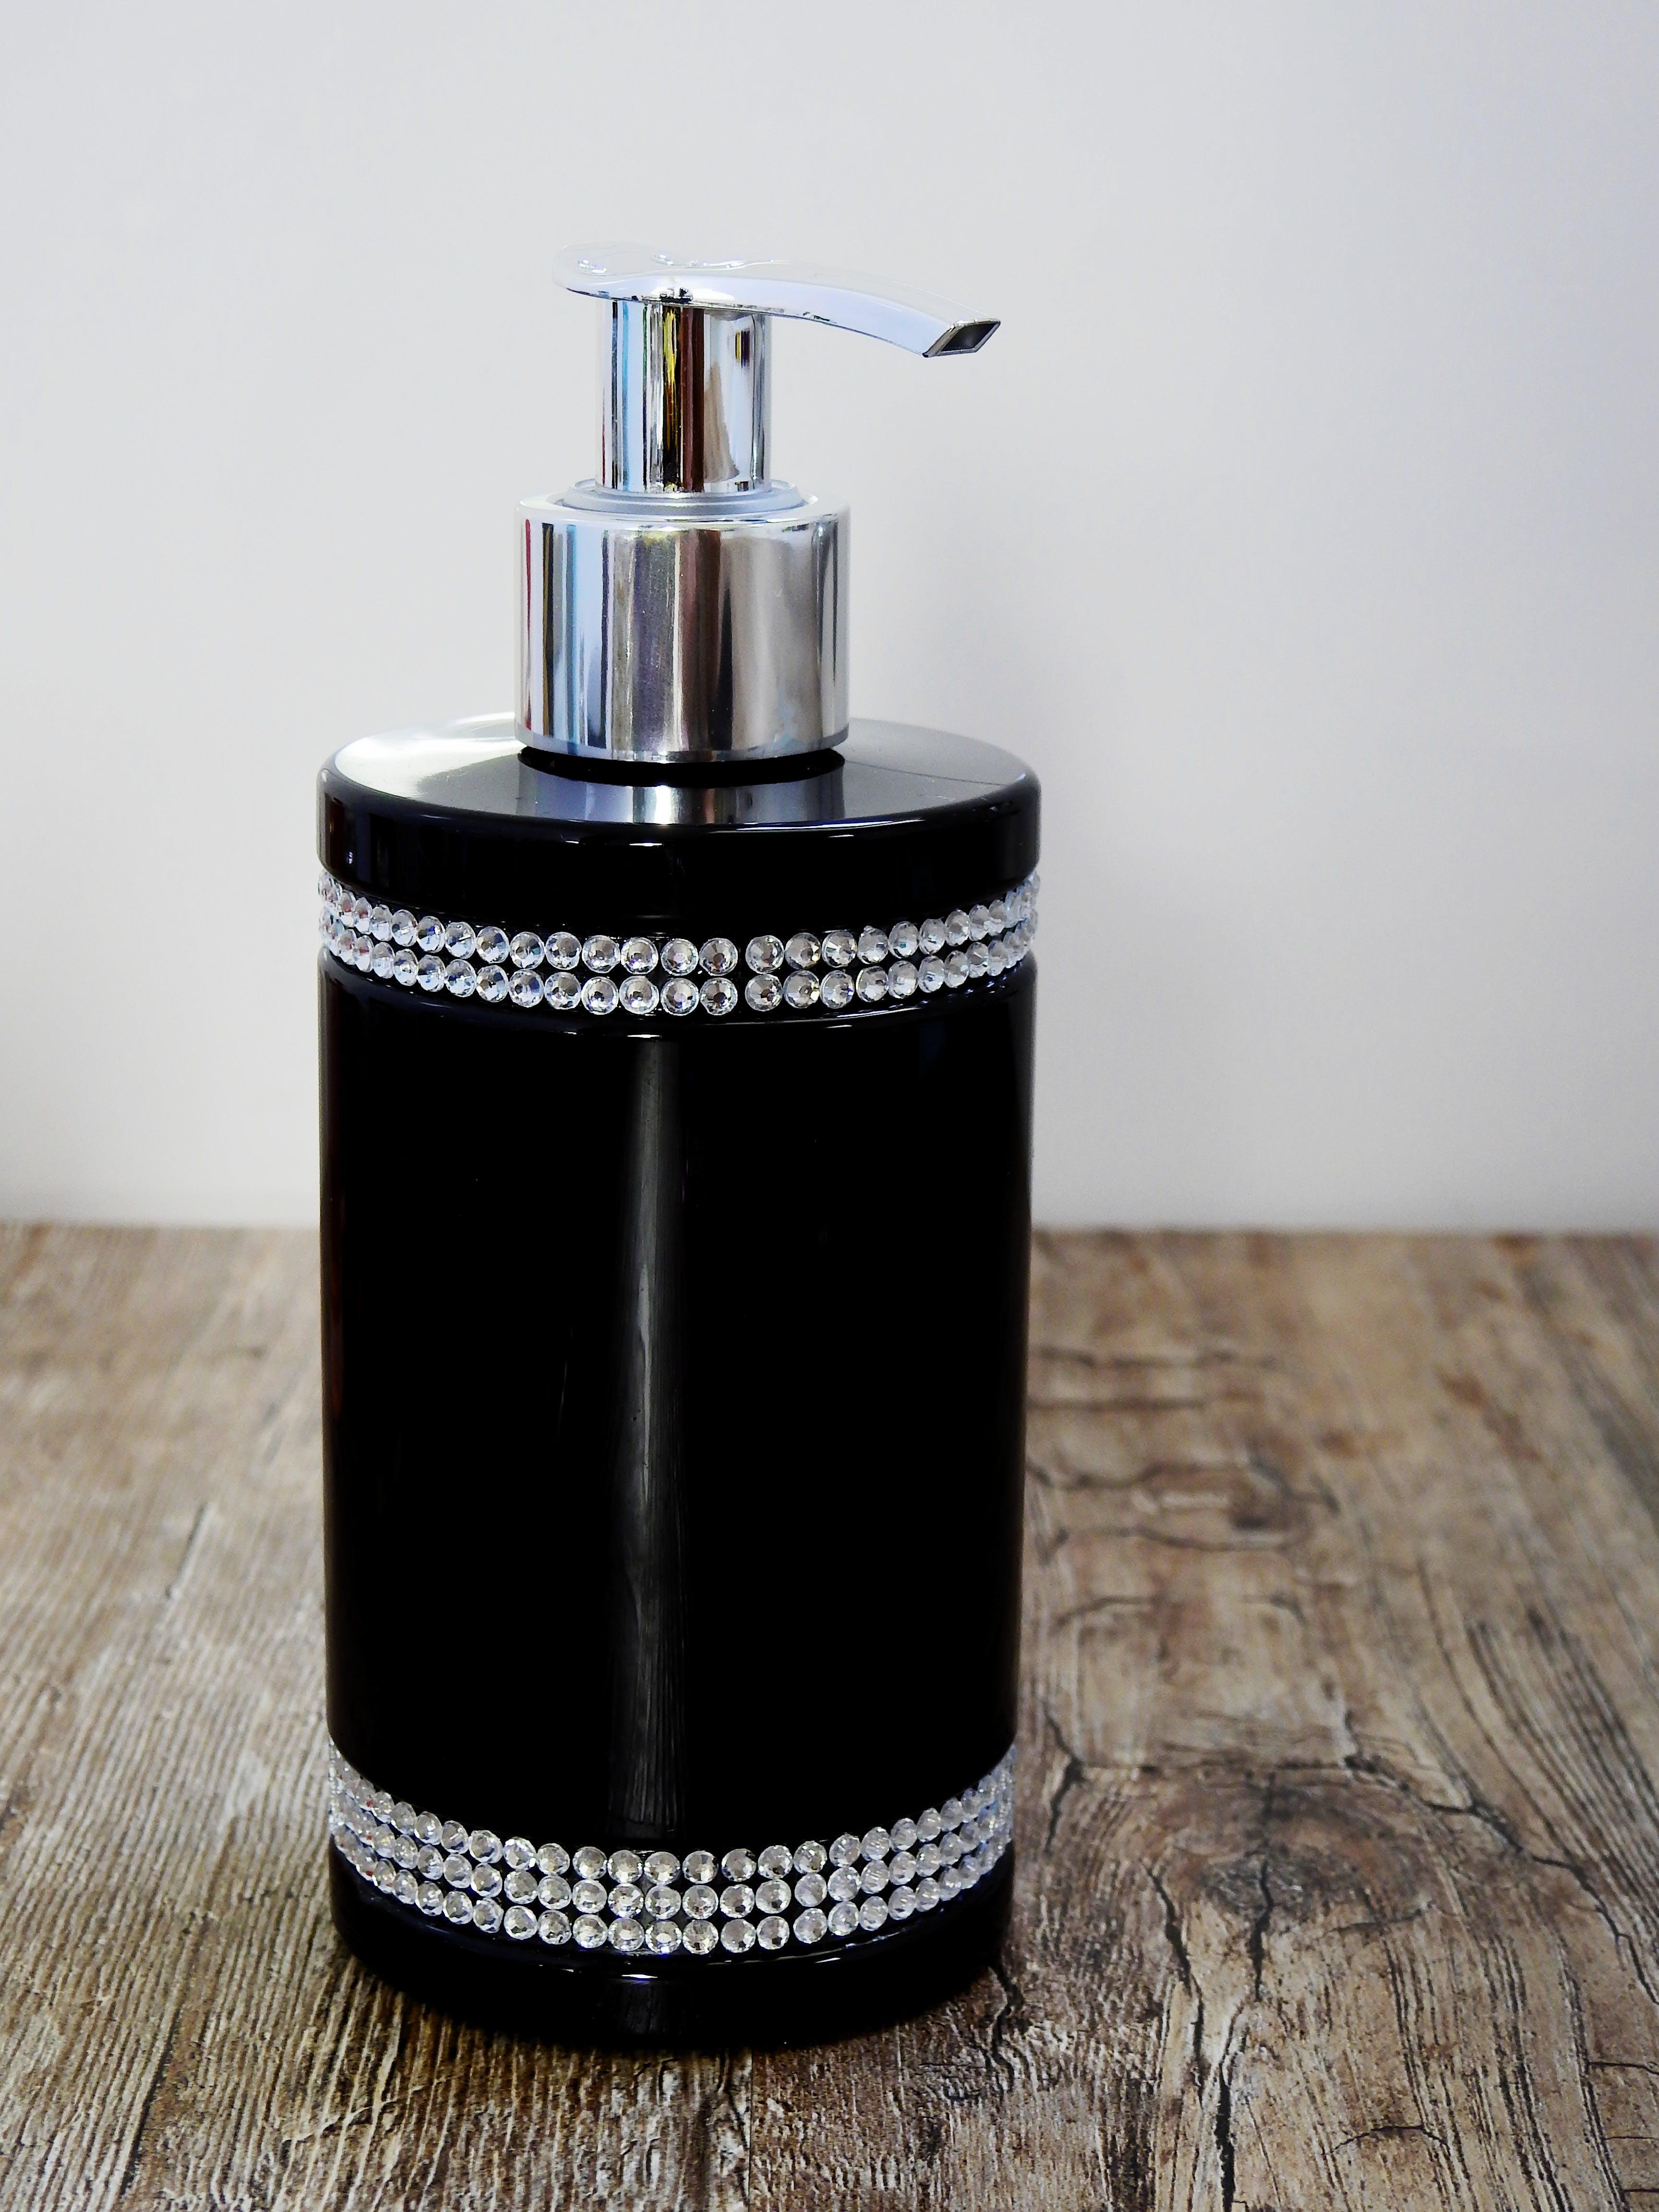 Kostenloses Stock Foto zu aroma, aromatherapie, badezimmer, behandlung